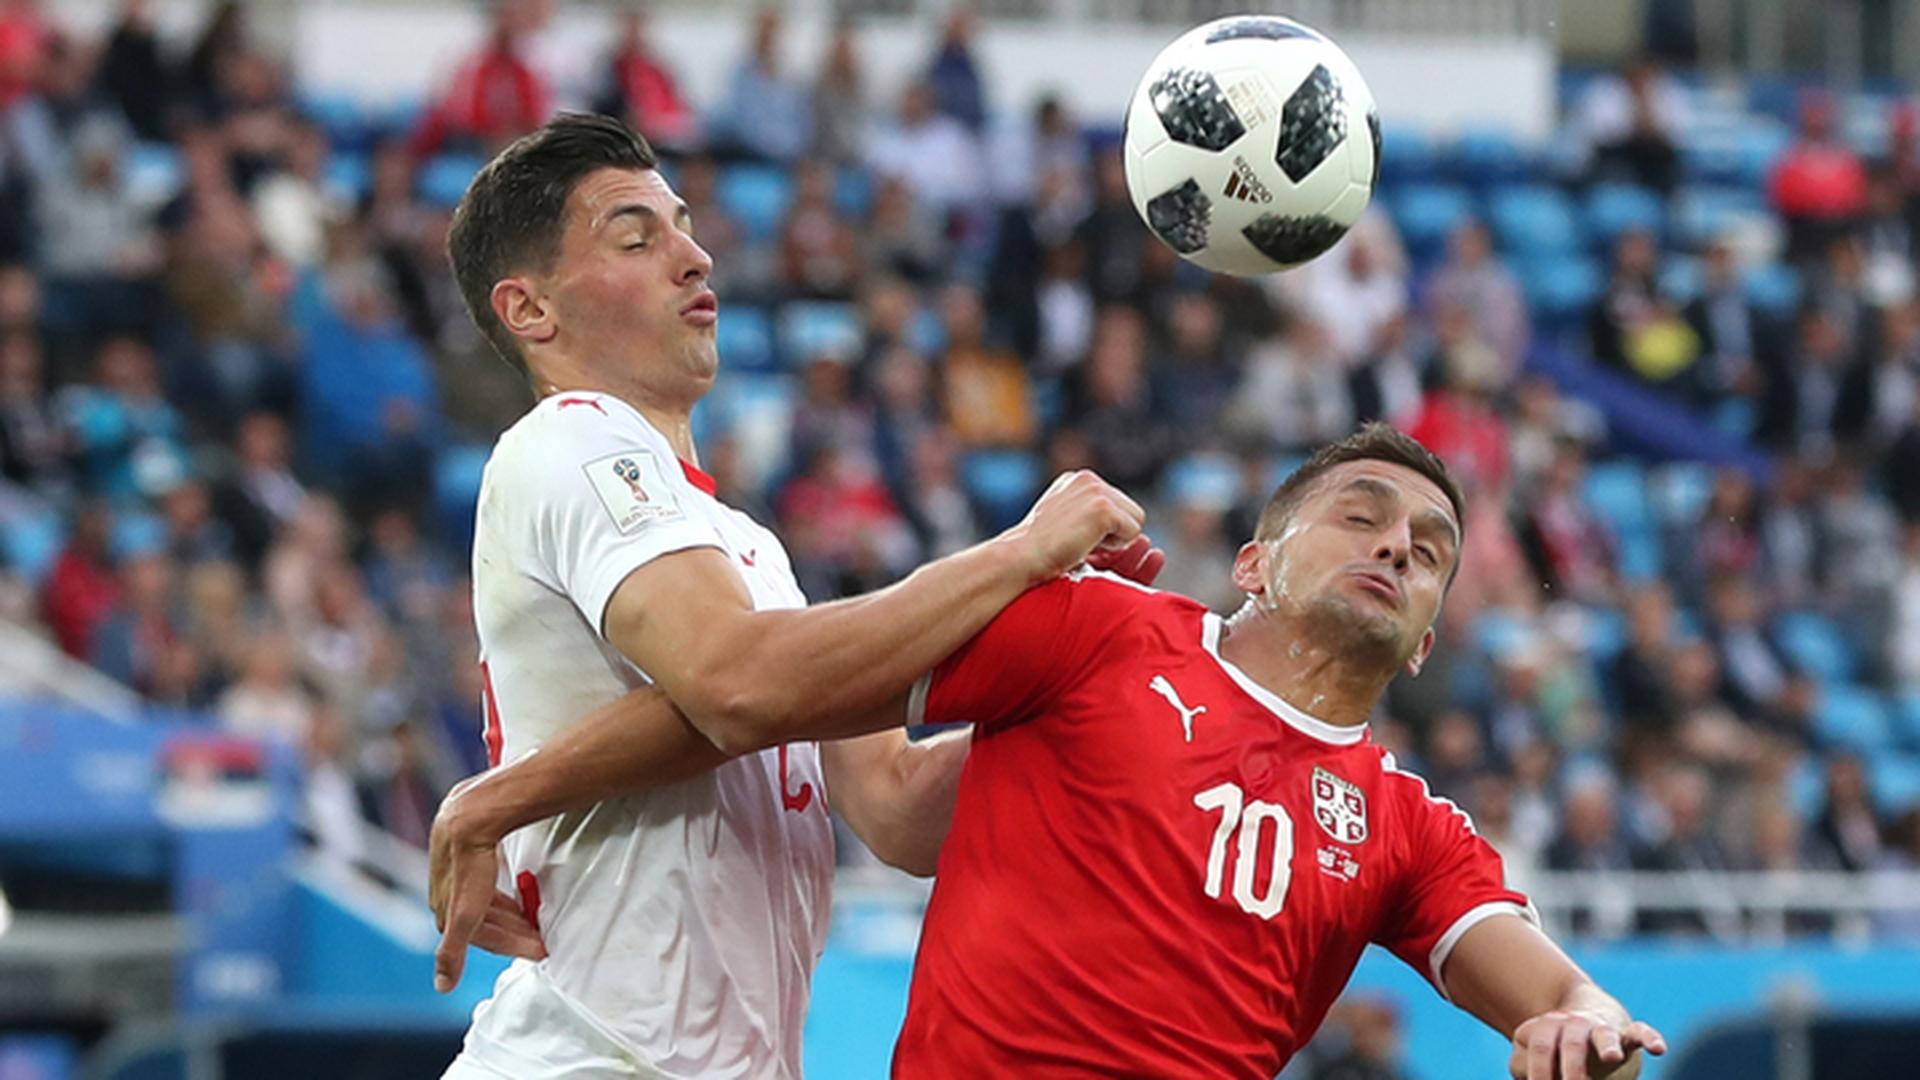 Сербы пожалуются в ФИФА на судейство в матче со швейцарцами